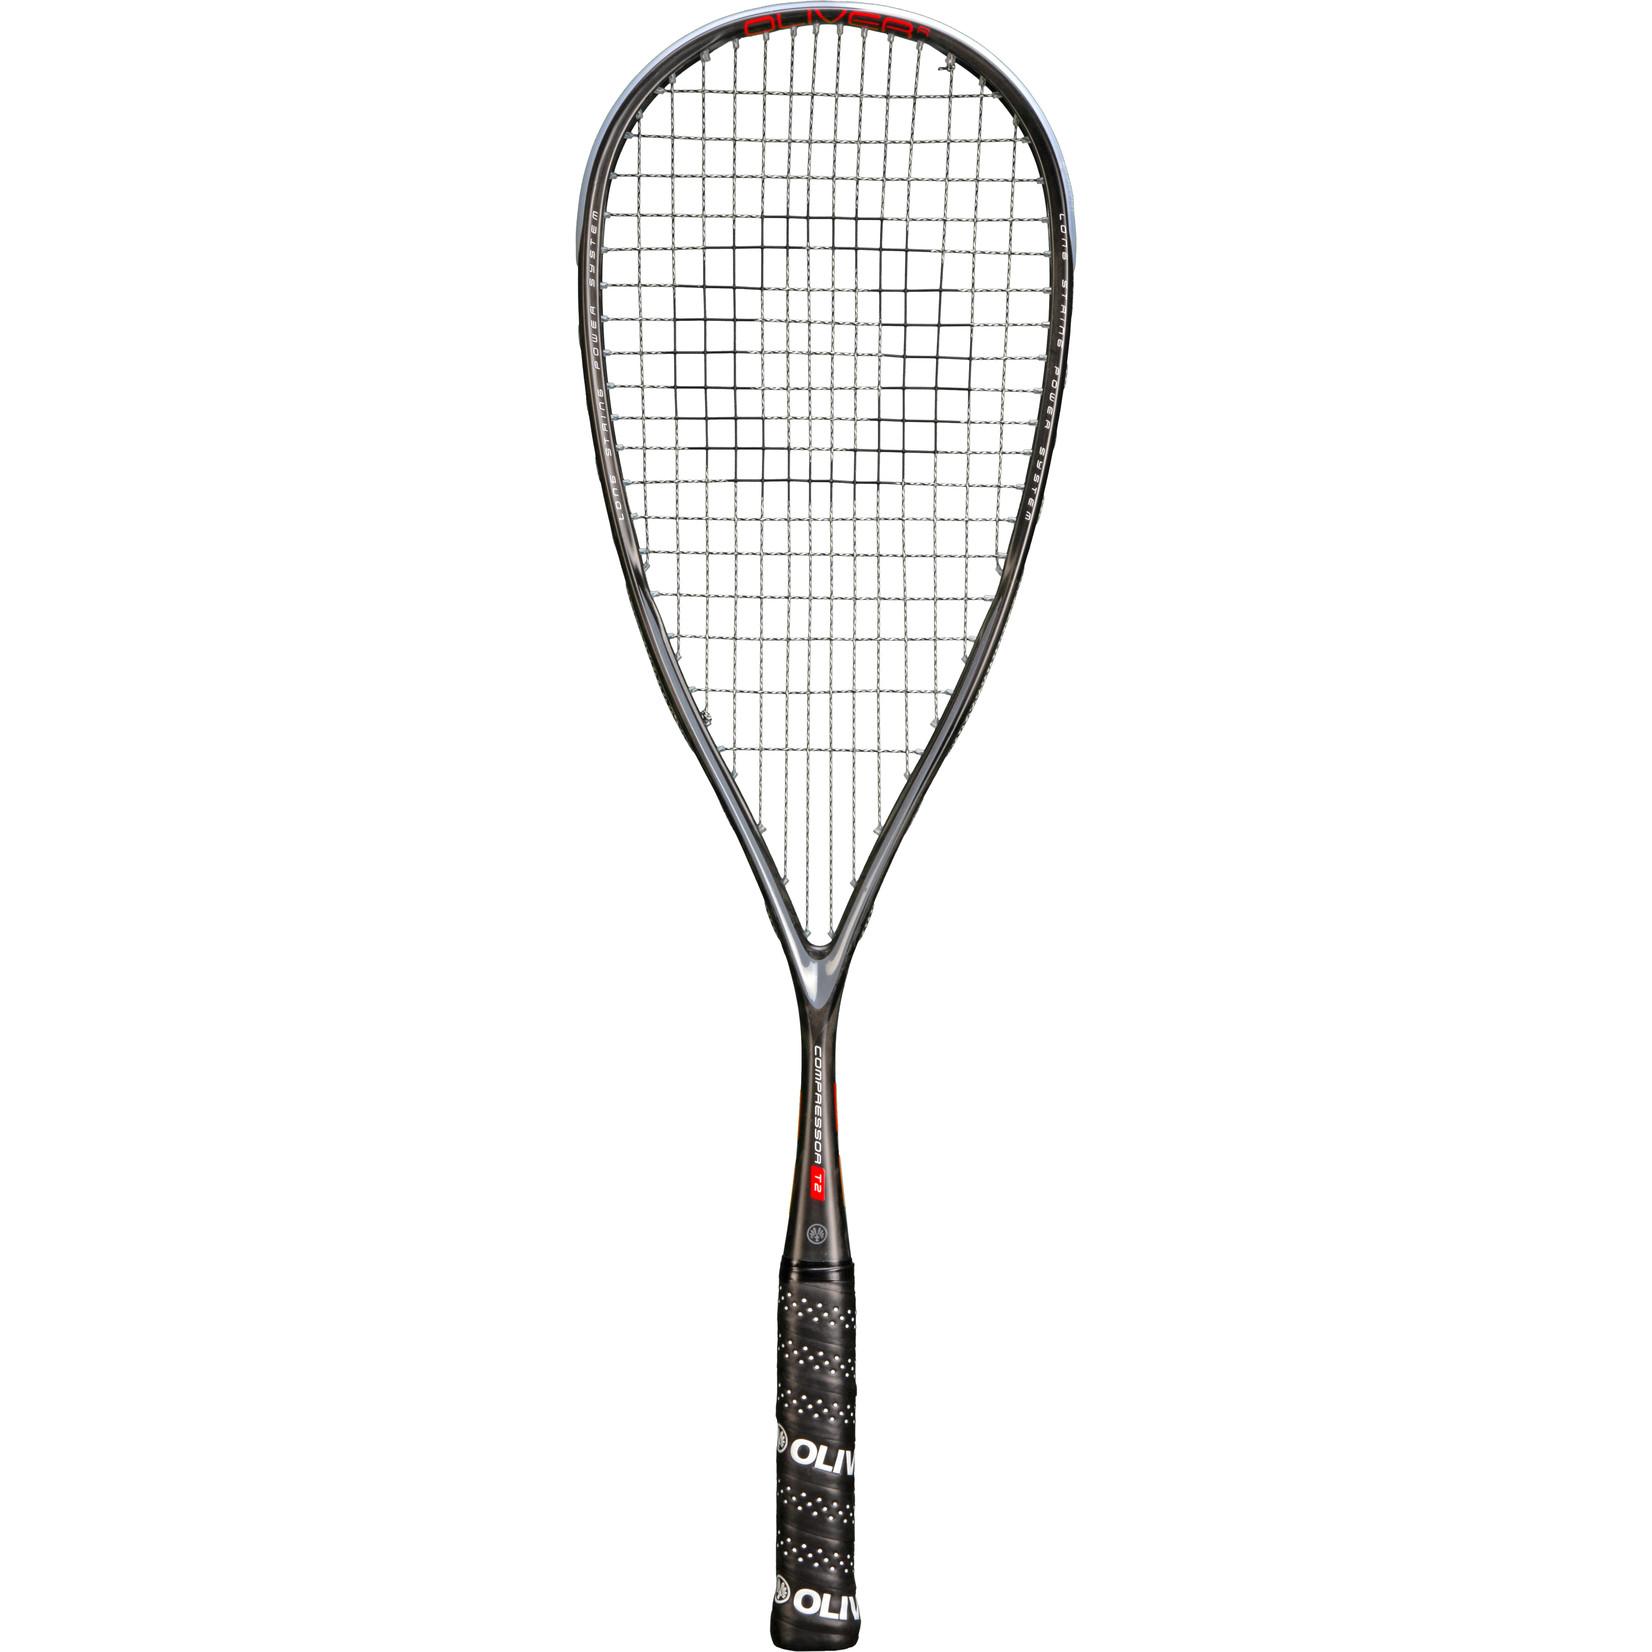 Oliver Compressor T2 squashracket